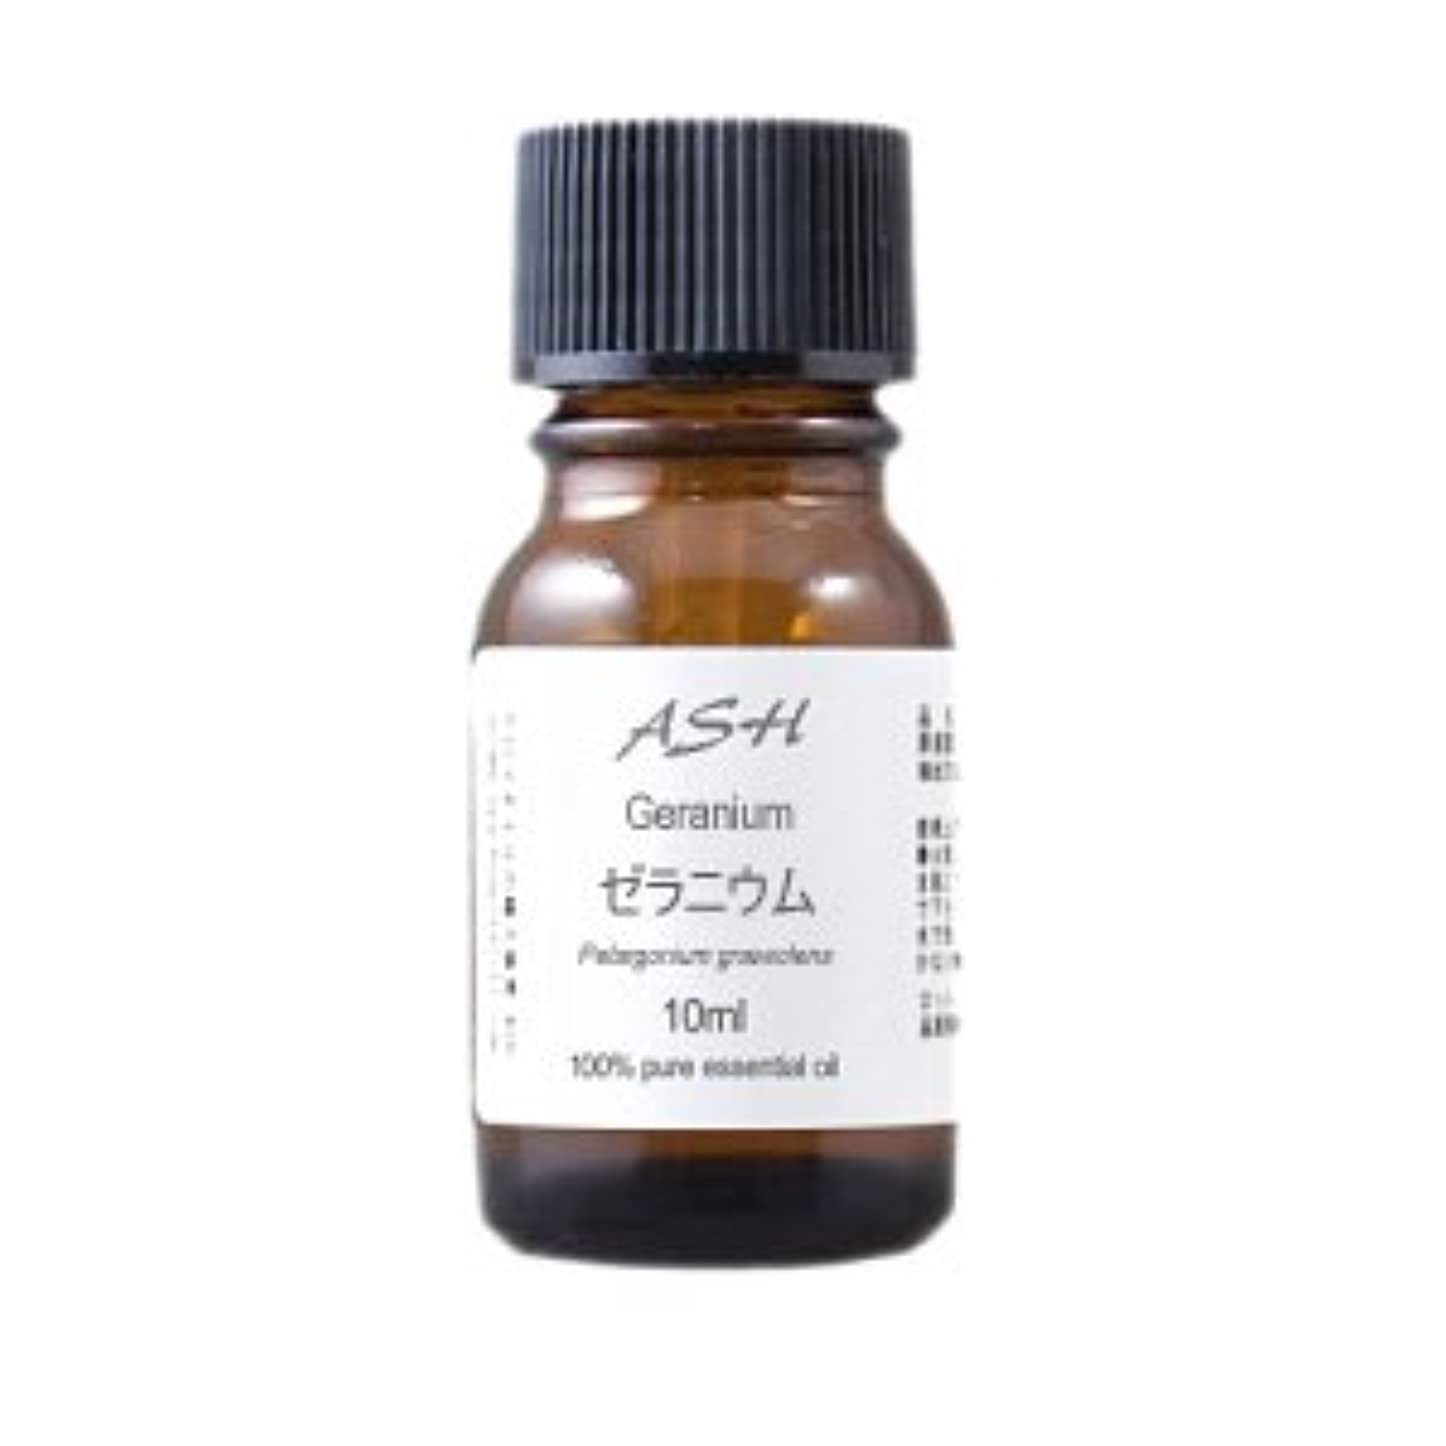 高度十分に保険ASH ゼラニウム エッセンシャルオイル 10ml AEAJ表示基準適合認定精油